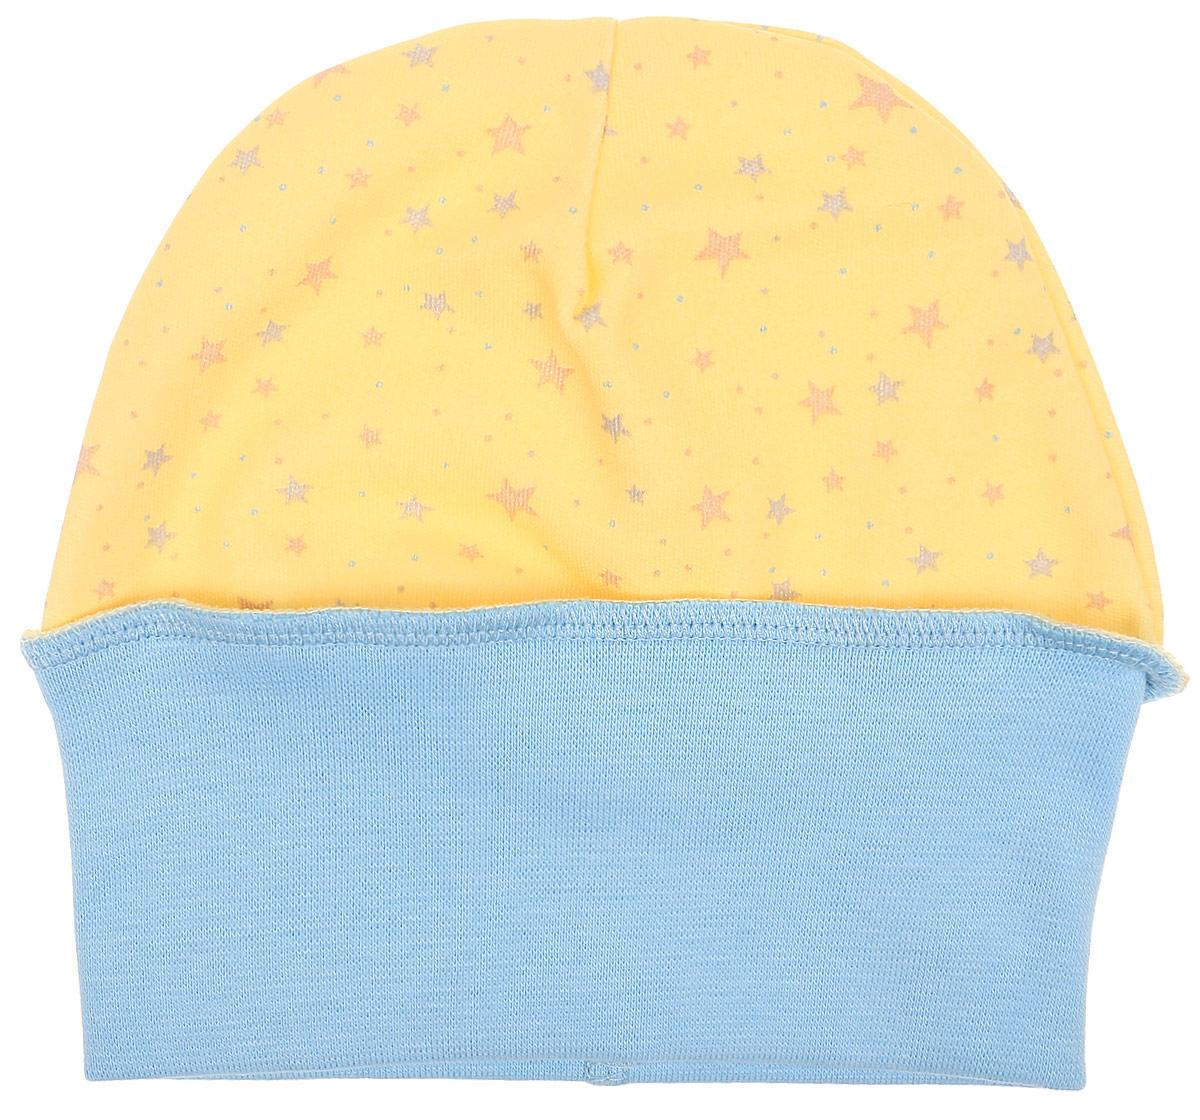 Чепчик детский Luky Child, цвет: желтый. А1-109. Размер 68/74А1-109